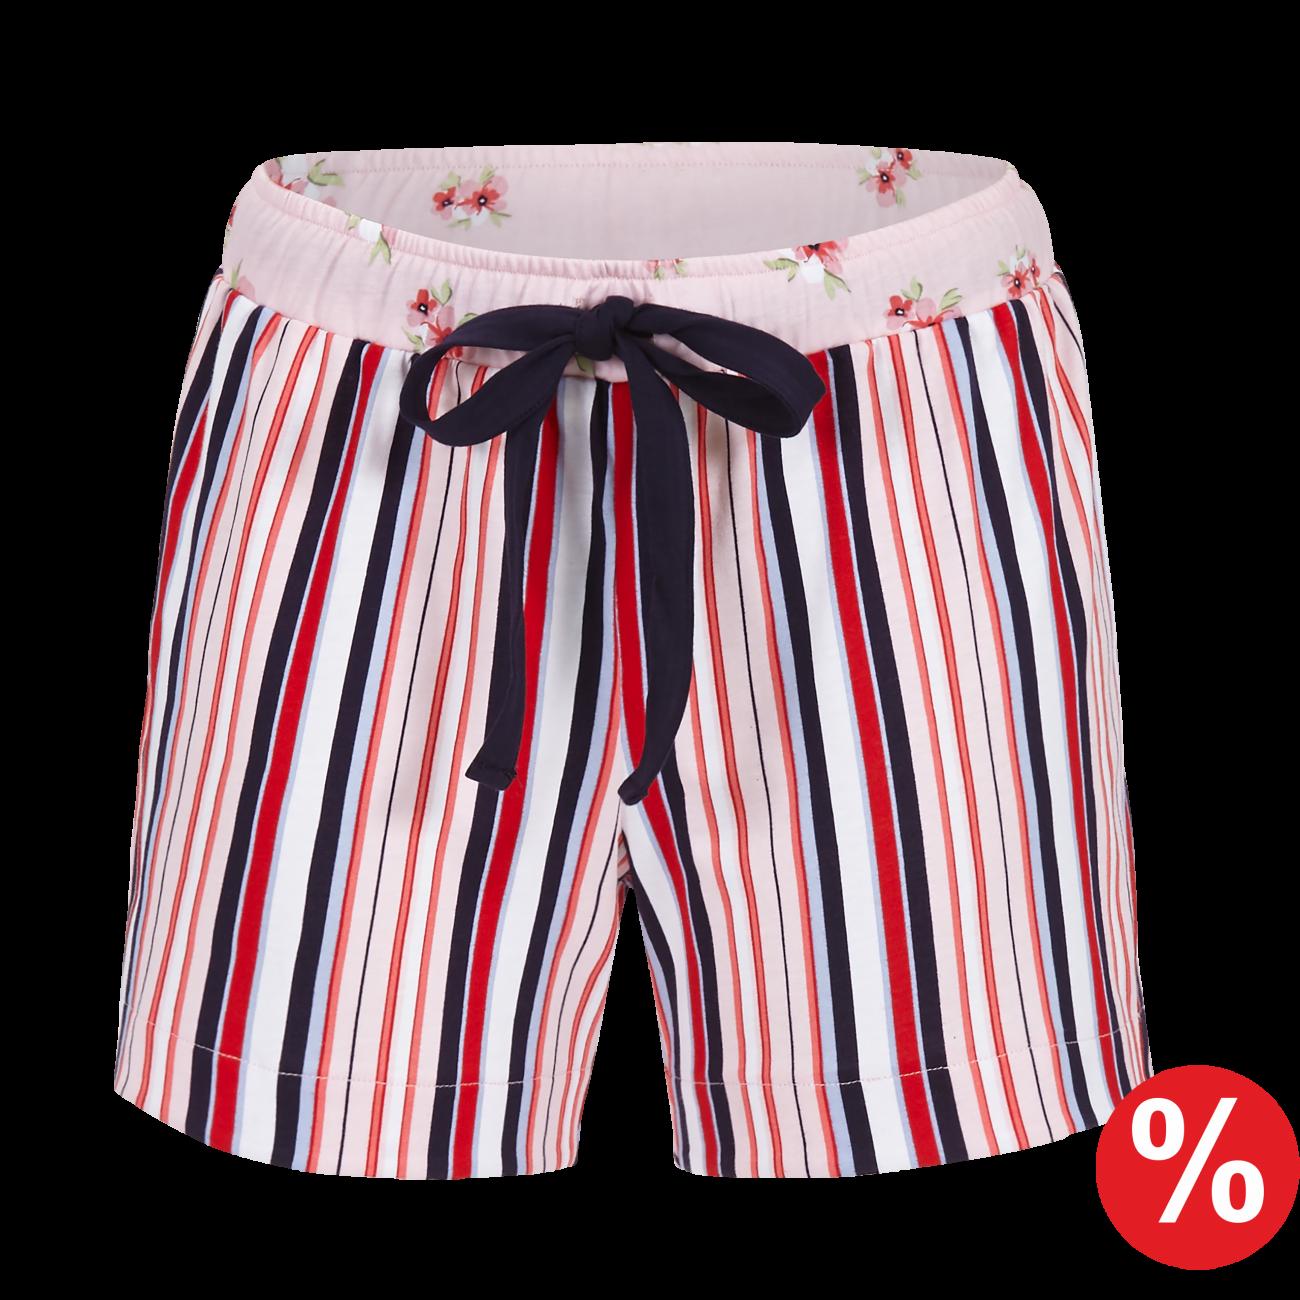 Shorts im Streifenlook tinte | 36